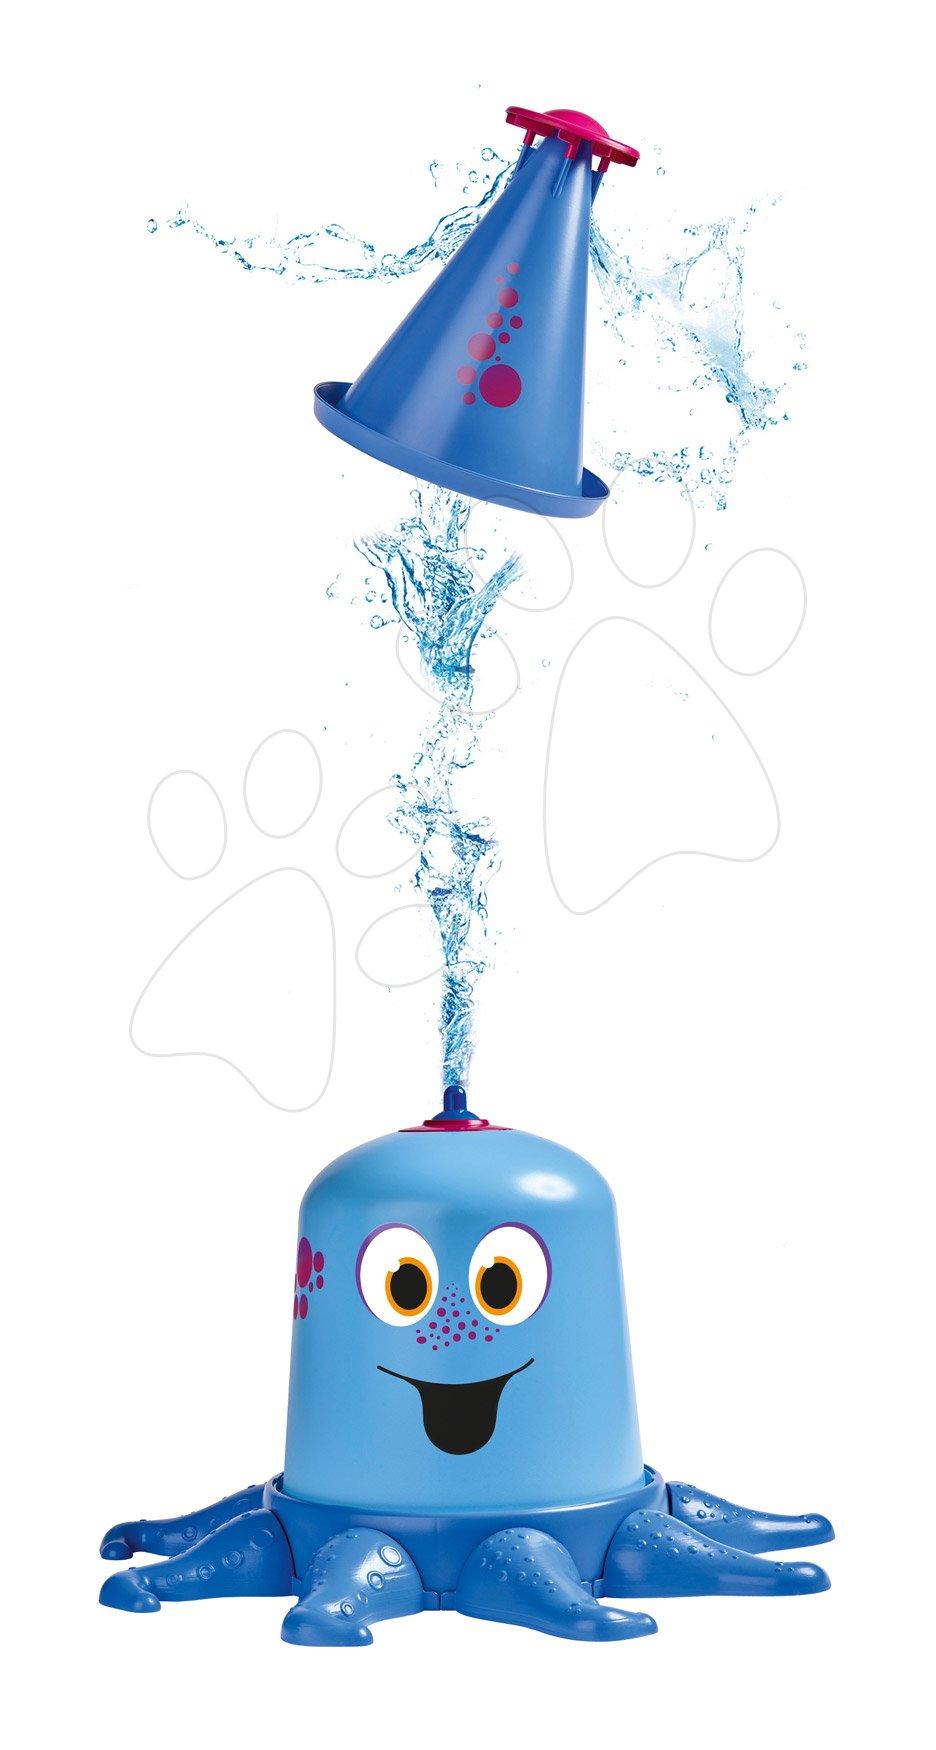 Sportjátékok a legkisebbeknek - Vízi játék polip Aqua Nauti BIG 4 méteres vízsugárral extra stabil